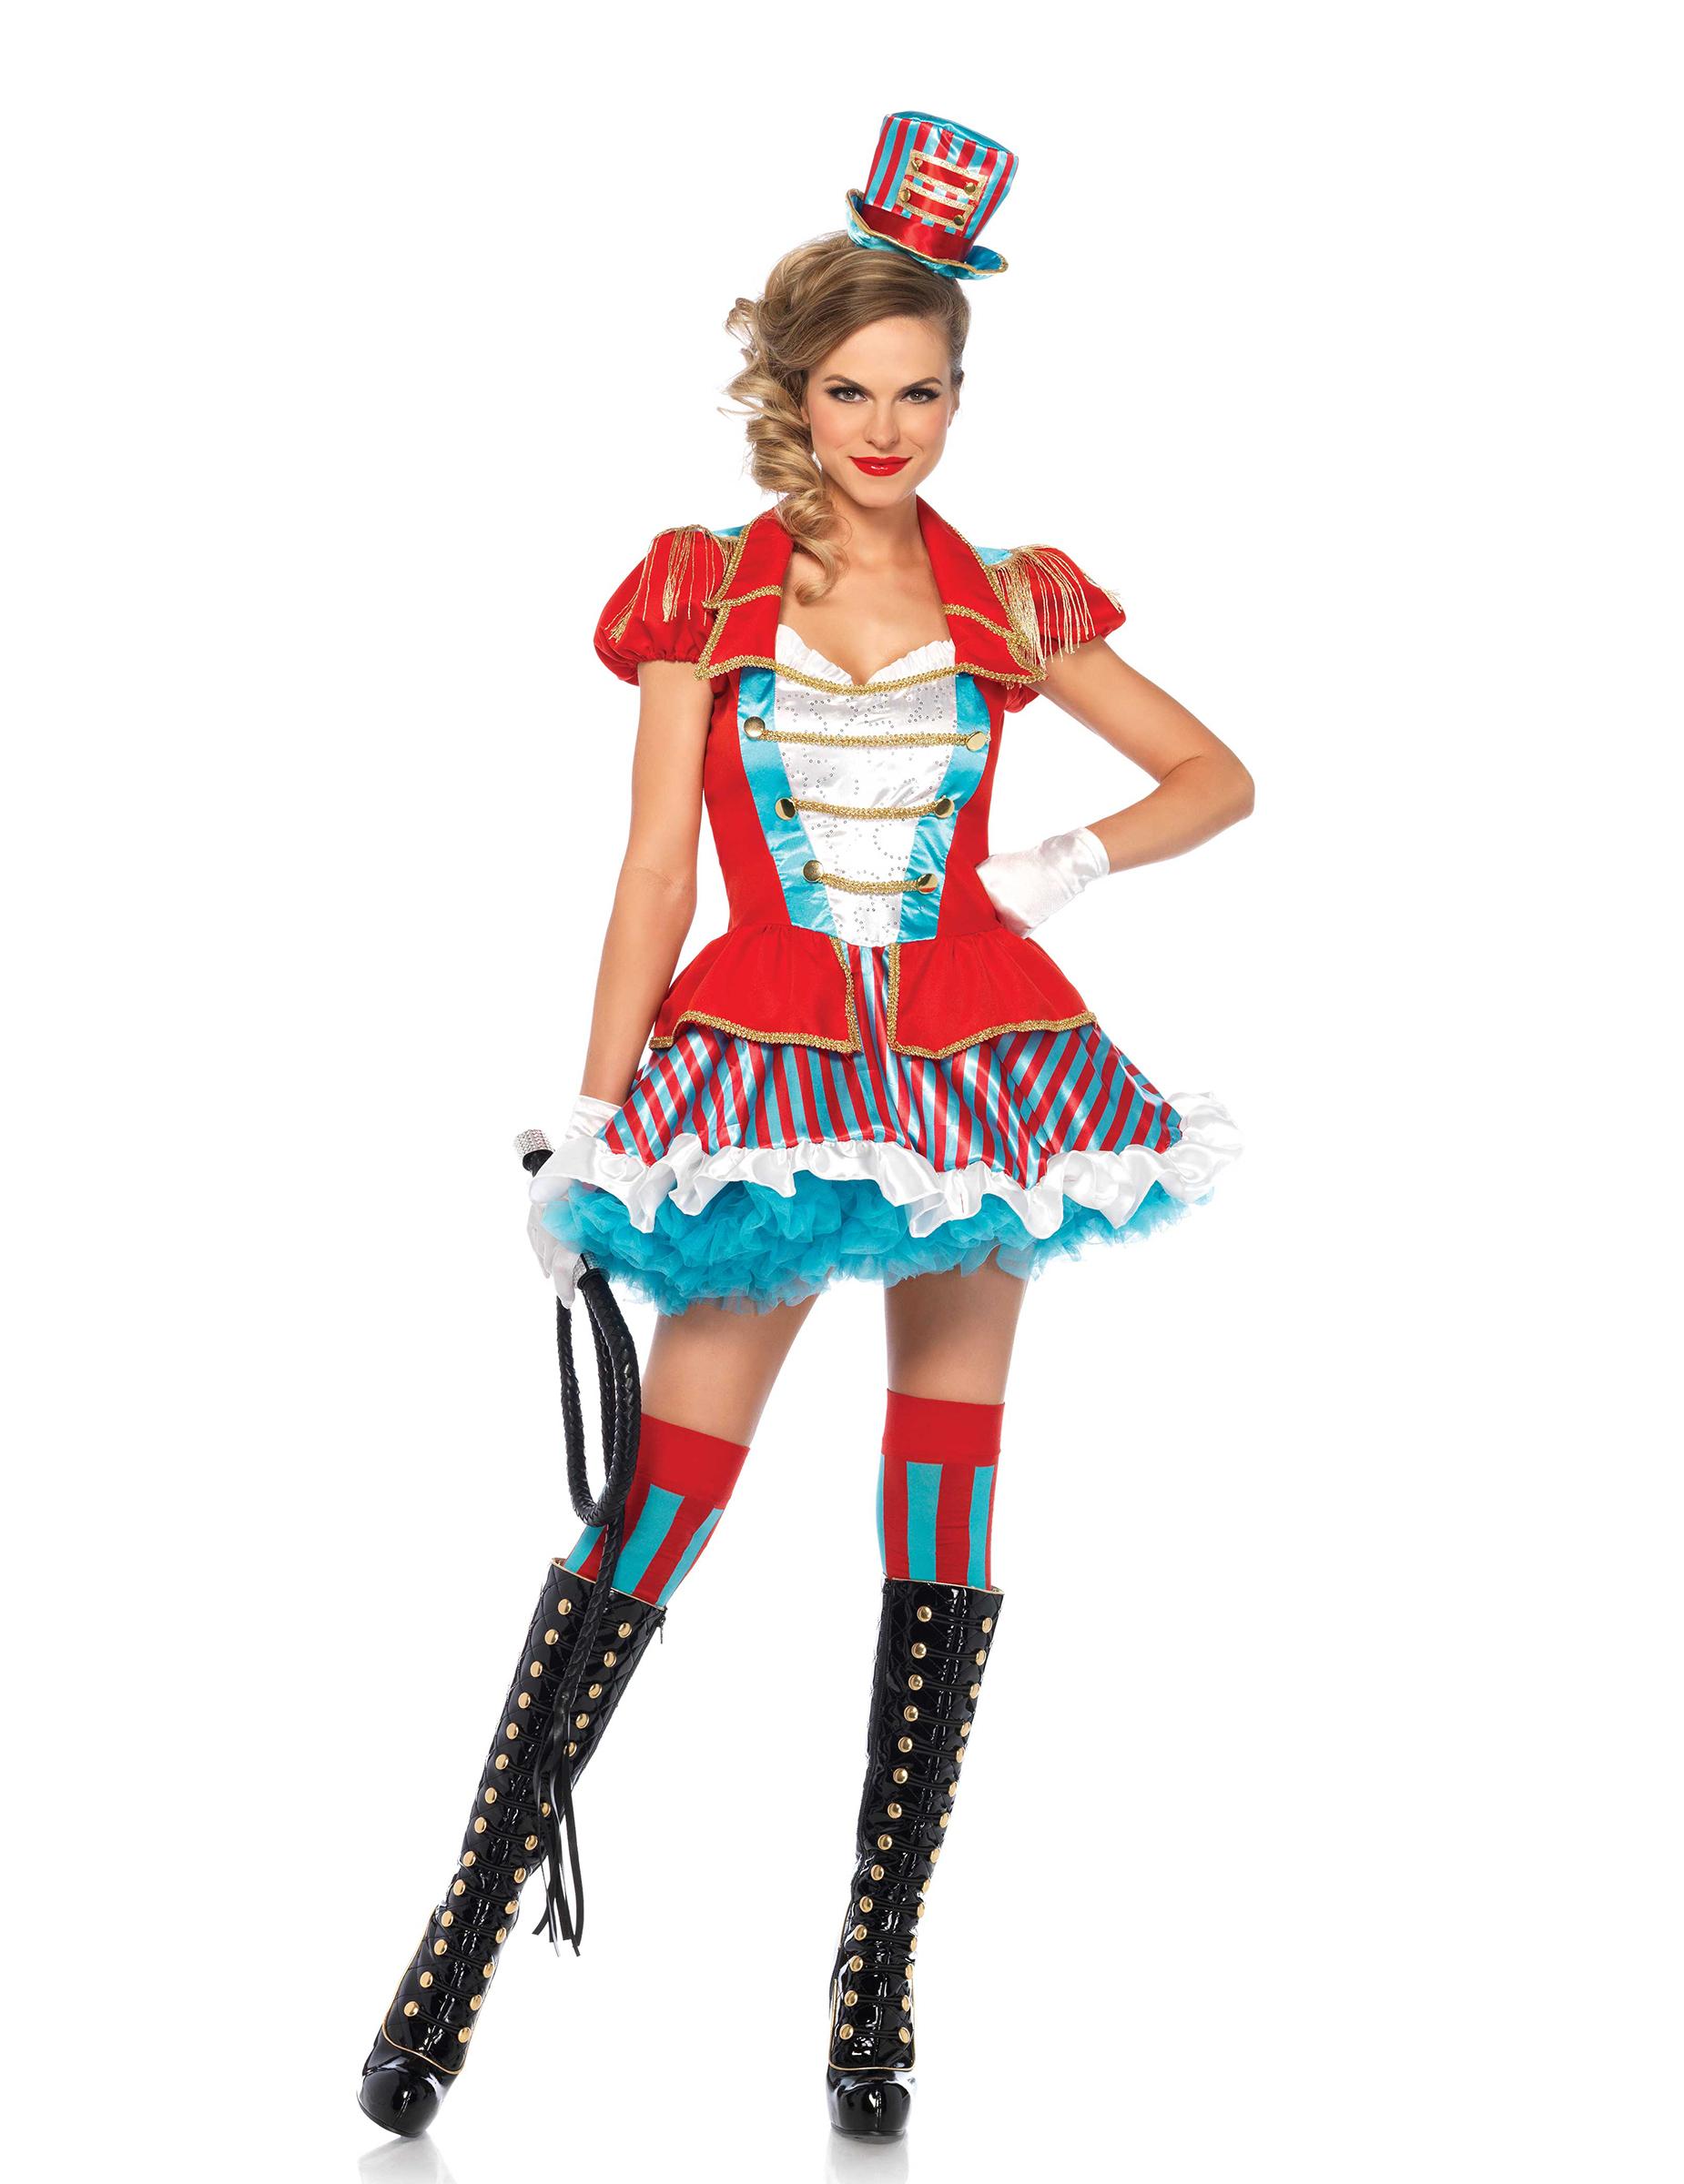 38bfd48187244 Sexy Zirkus-Direktorin Damenkostüm Dompteurin rot-blau-weiss ...